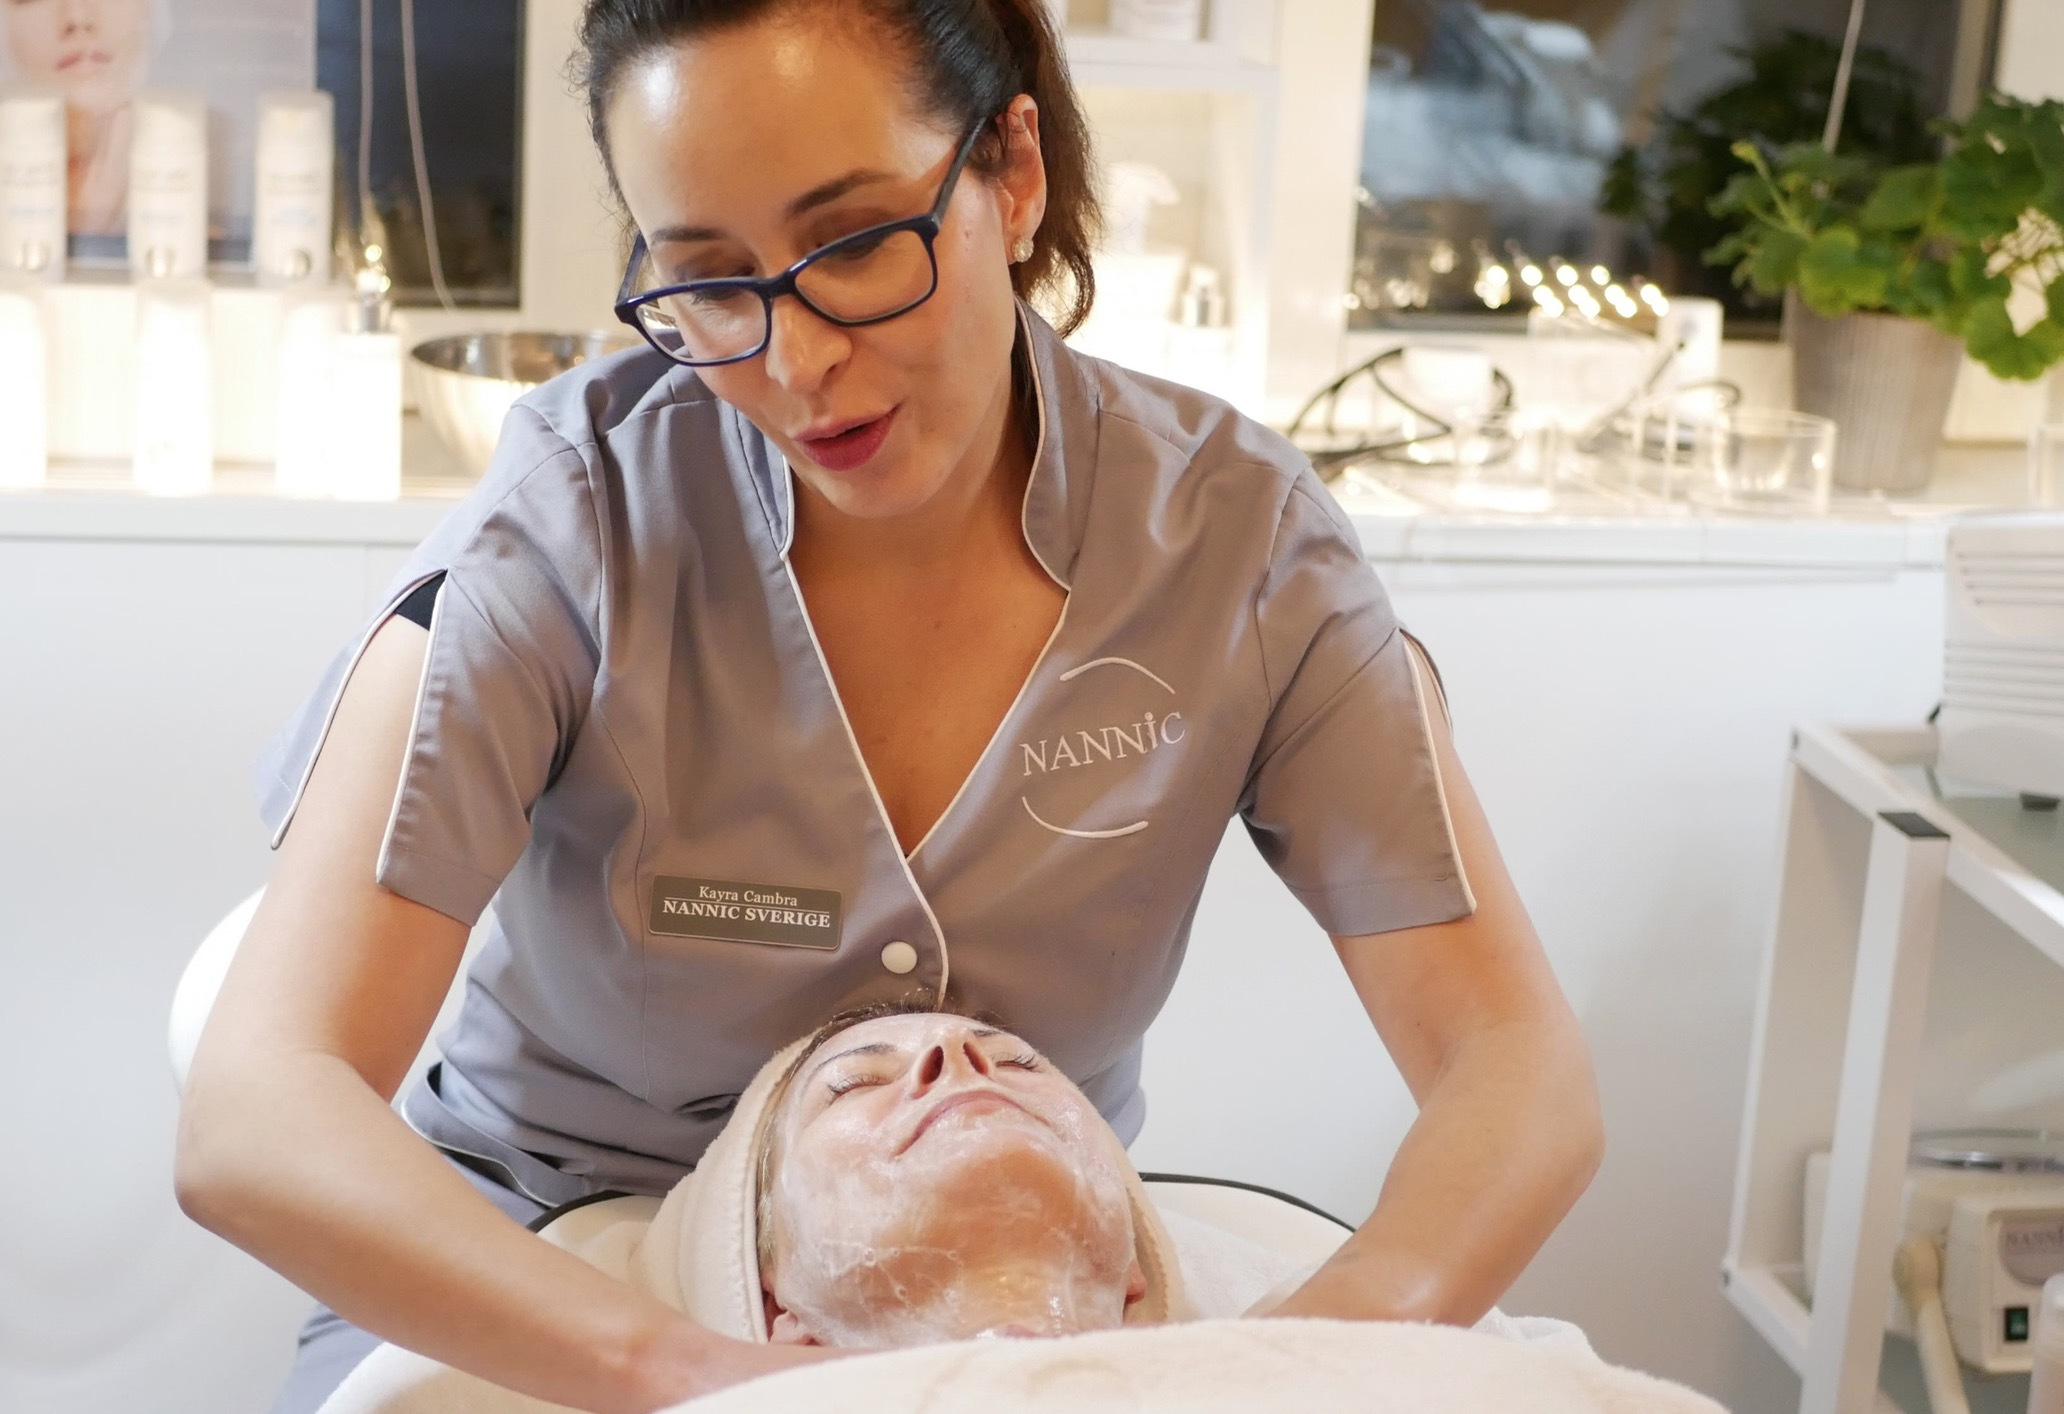 Hudterapeuten Kayra Cambra började med en djuprengöring av huden för att avlägsna döda hudceller